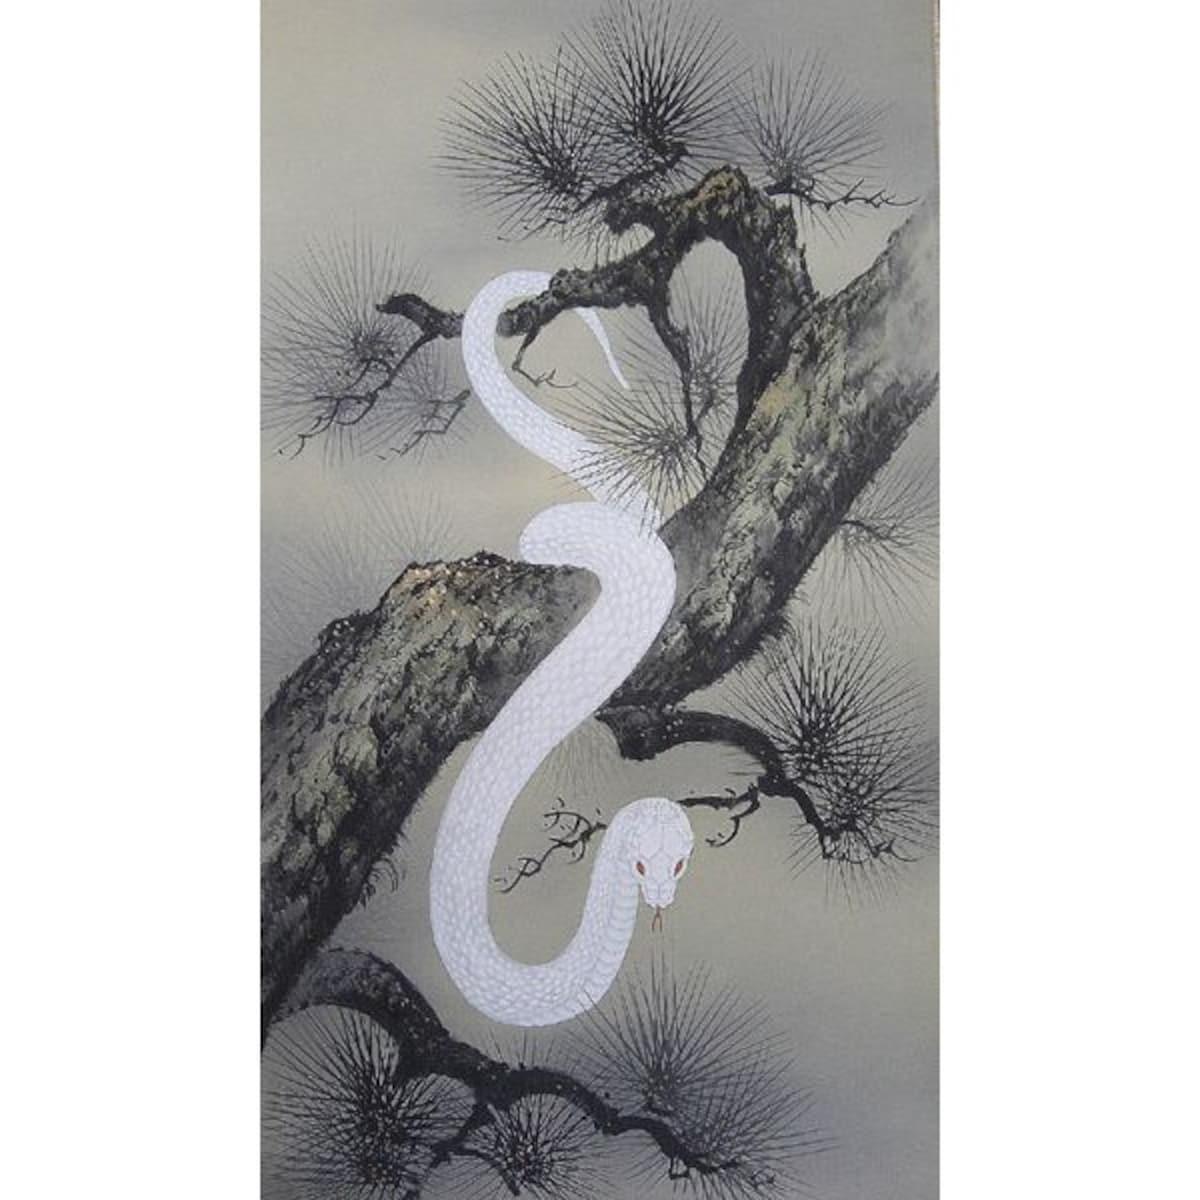 7. งูเผือก หรือคราบงู